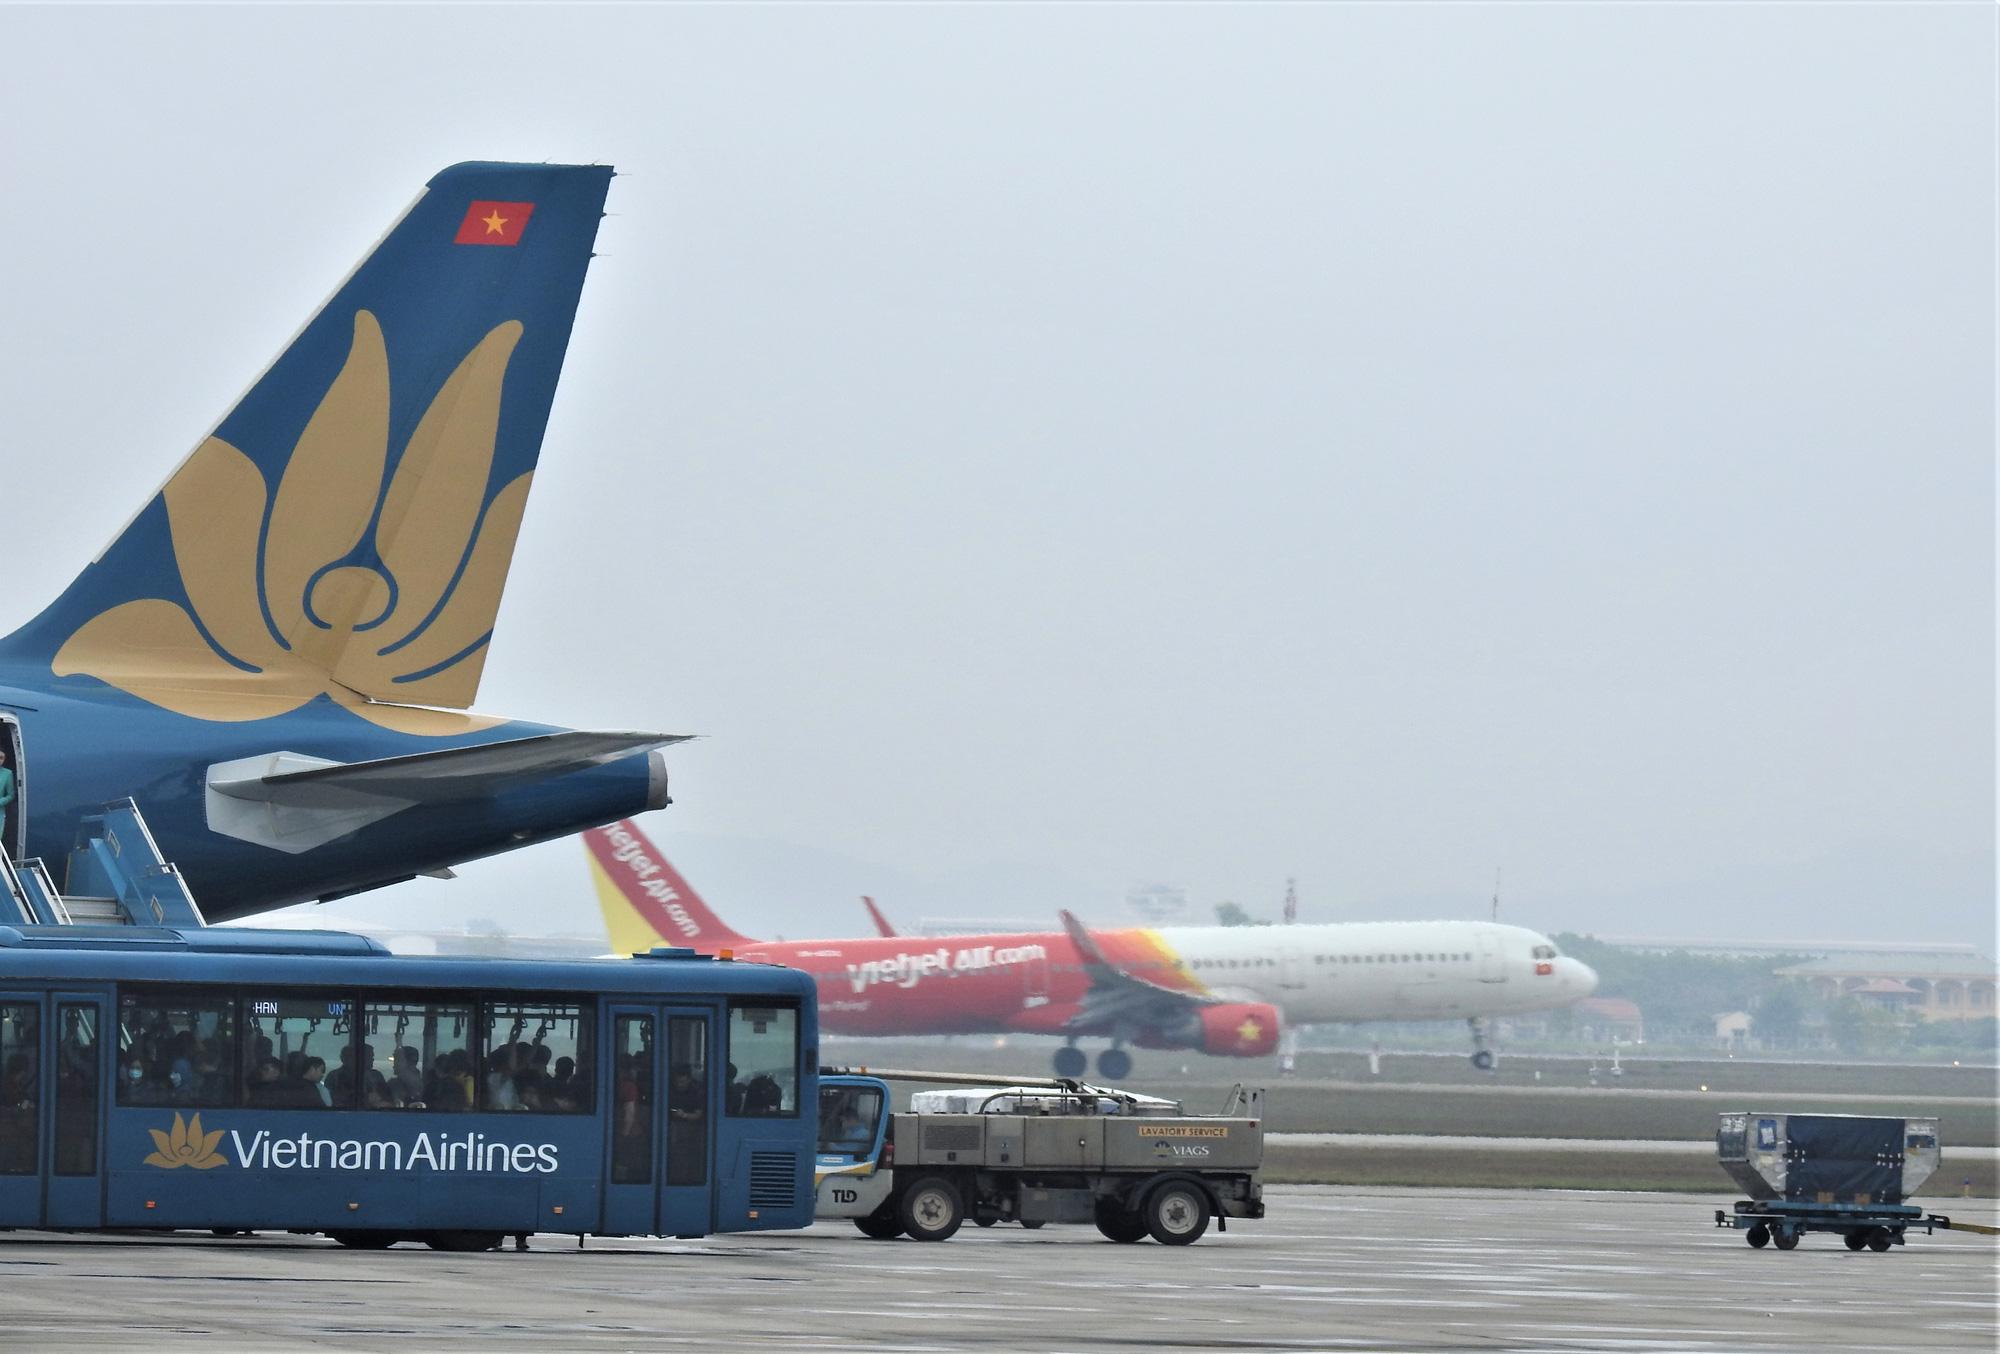 Hãng hàng không Việt Nam thiệt hại 10.000 tỉ đồng doanh thu vì dịch virus corona (covid-19) - Ảnh 1.